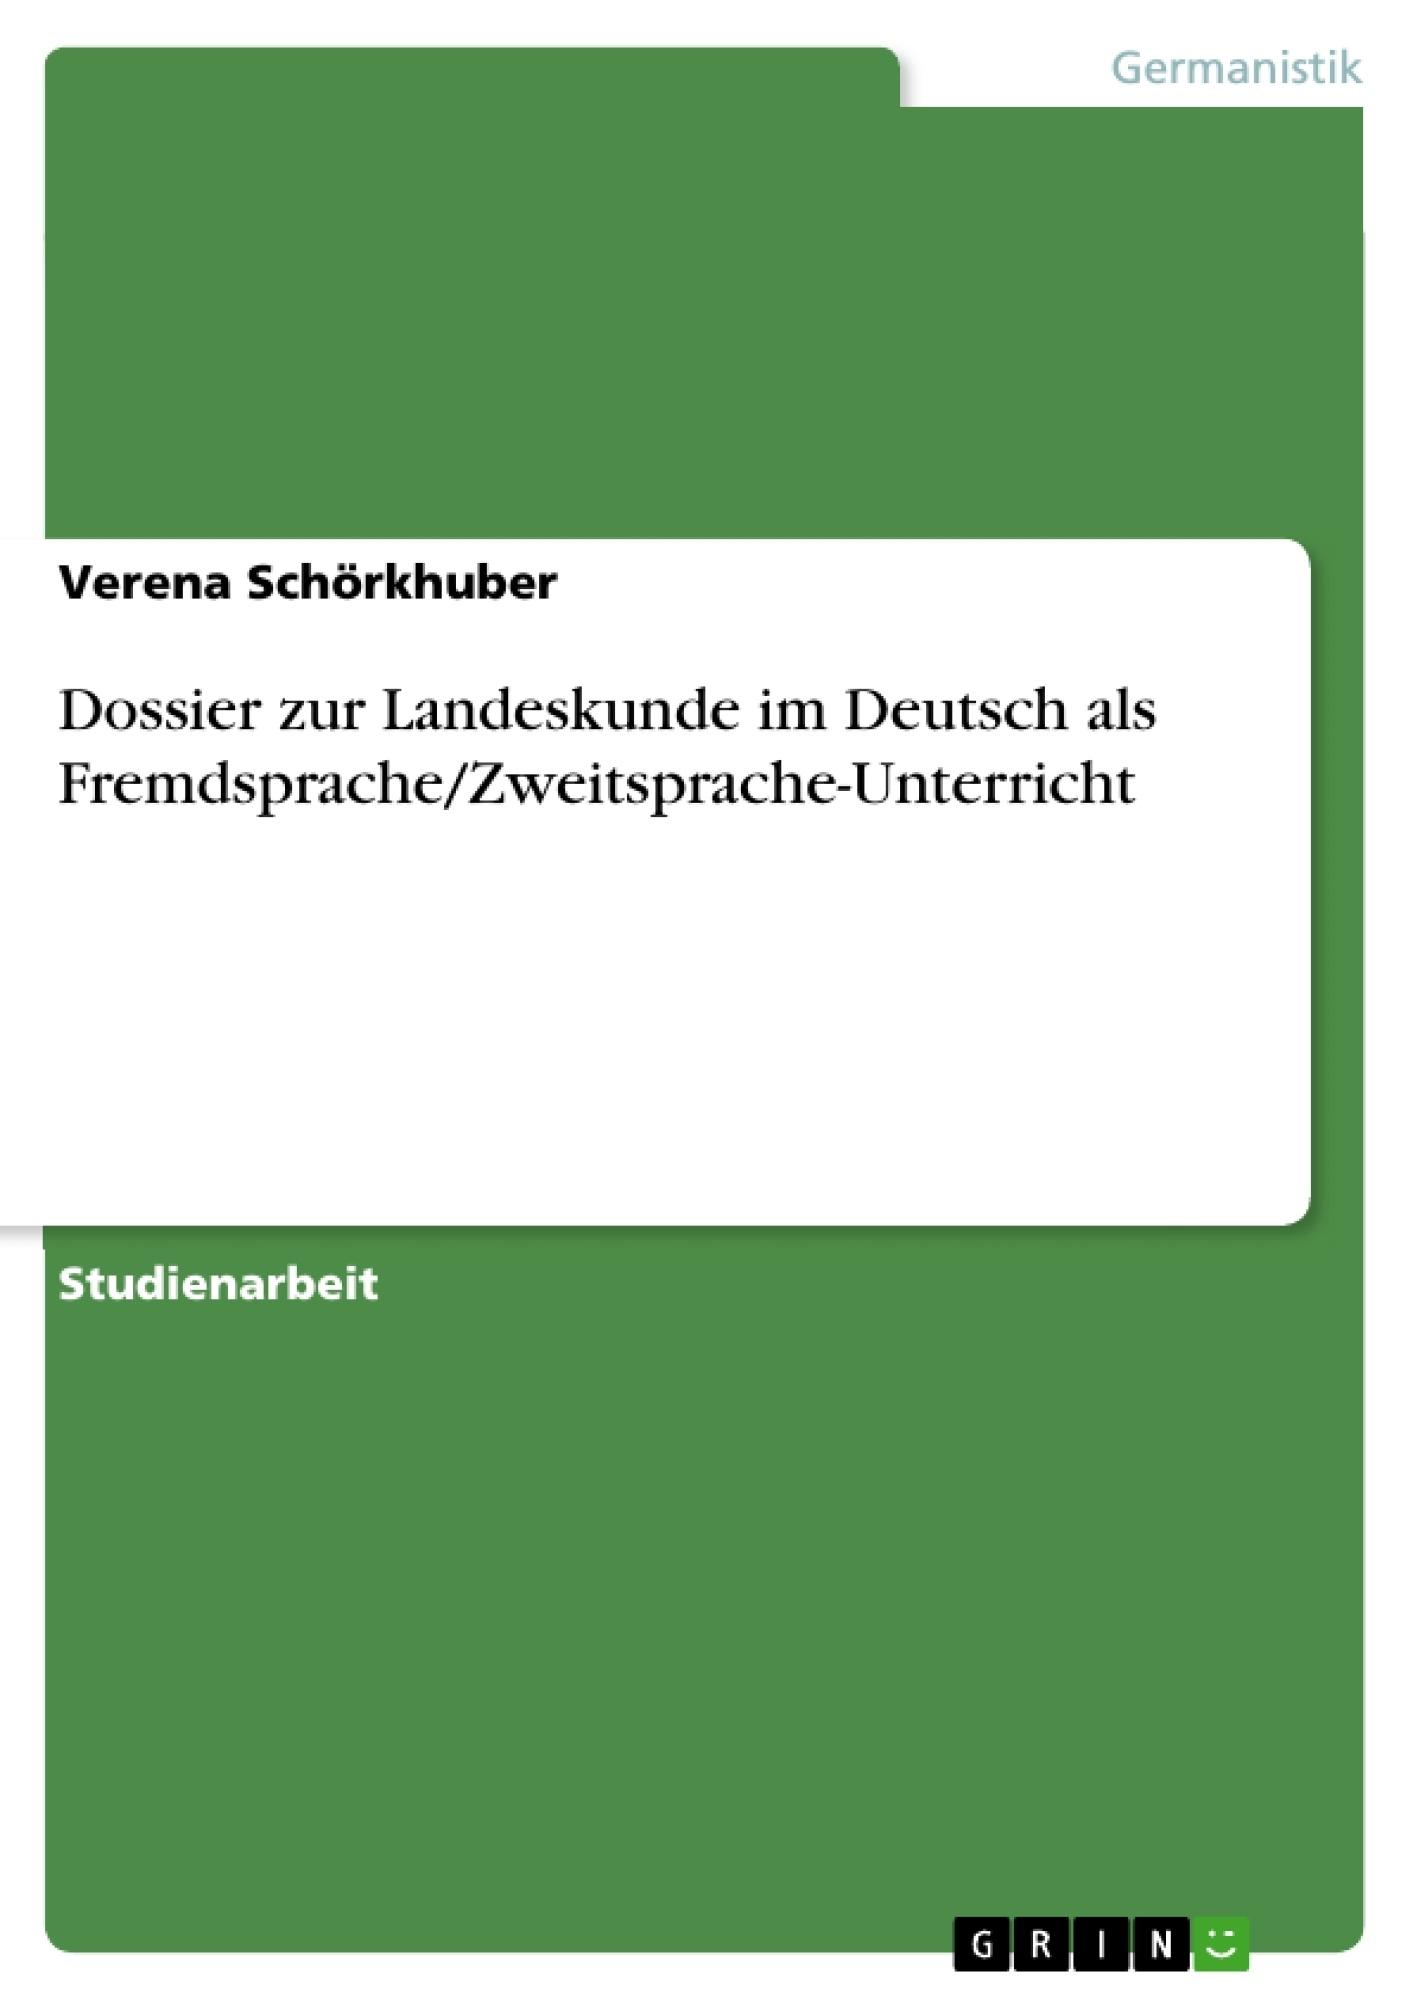 Titel: Dossier zur Landeskunde im Deutsch als Fremdsprache/Zweitsprache-Unterricht